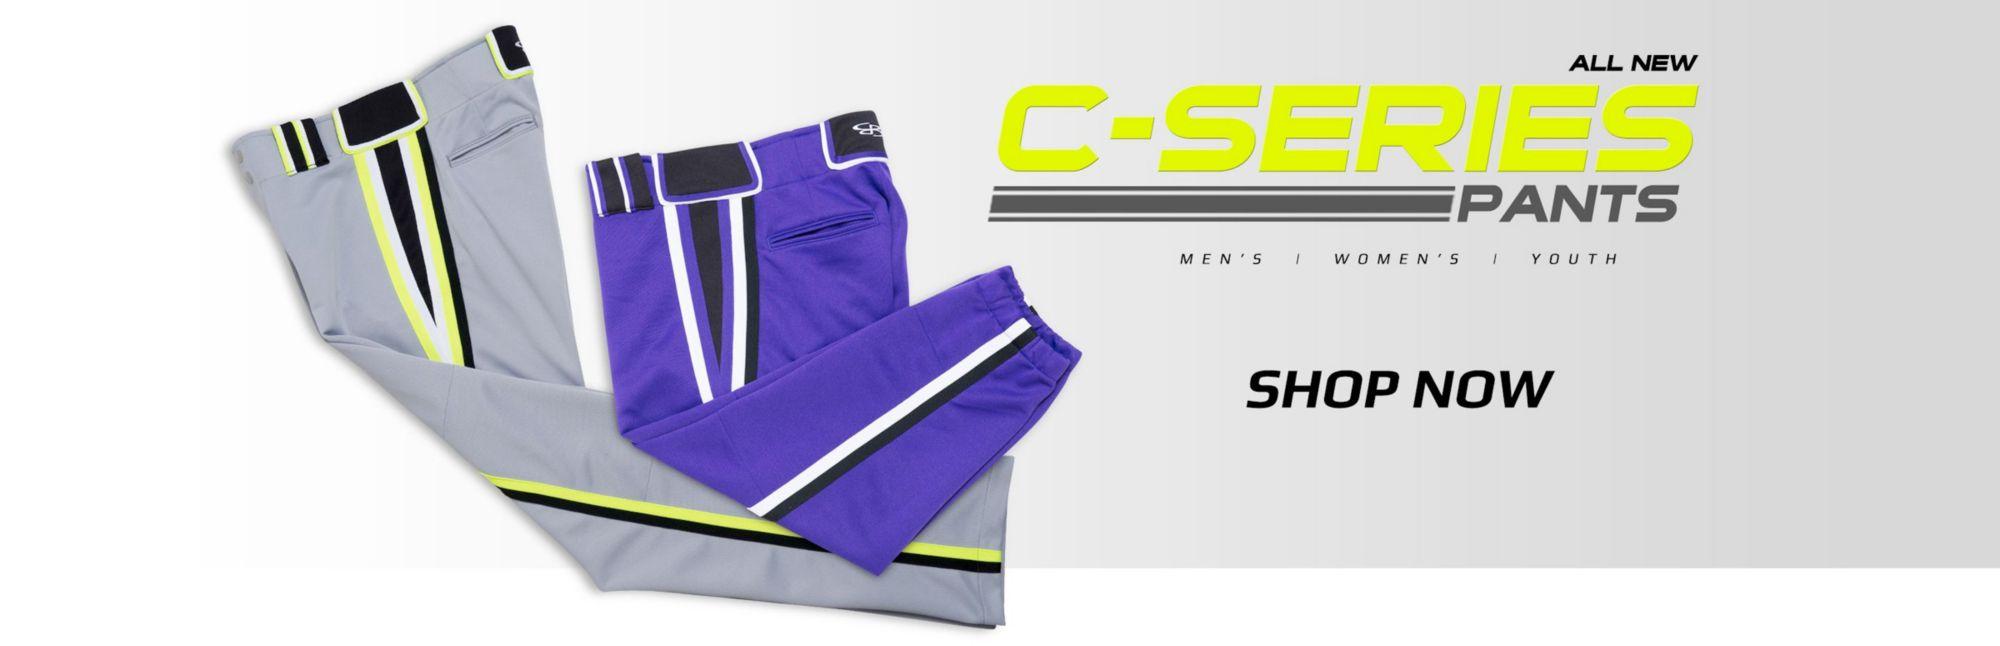 Boombah C-Series Pants